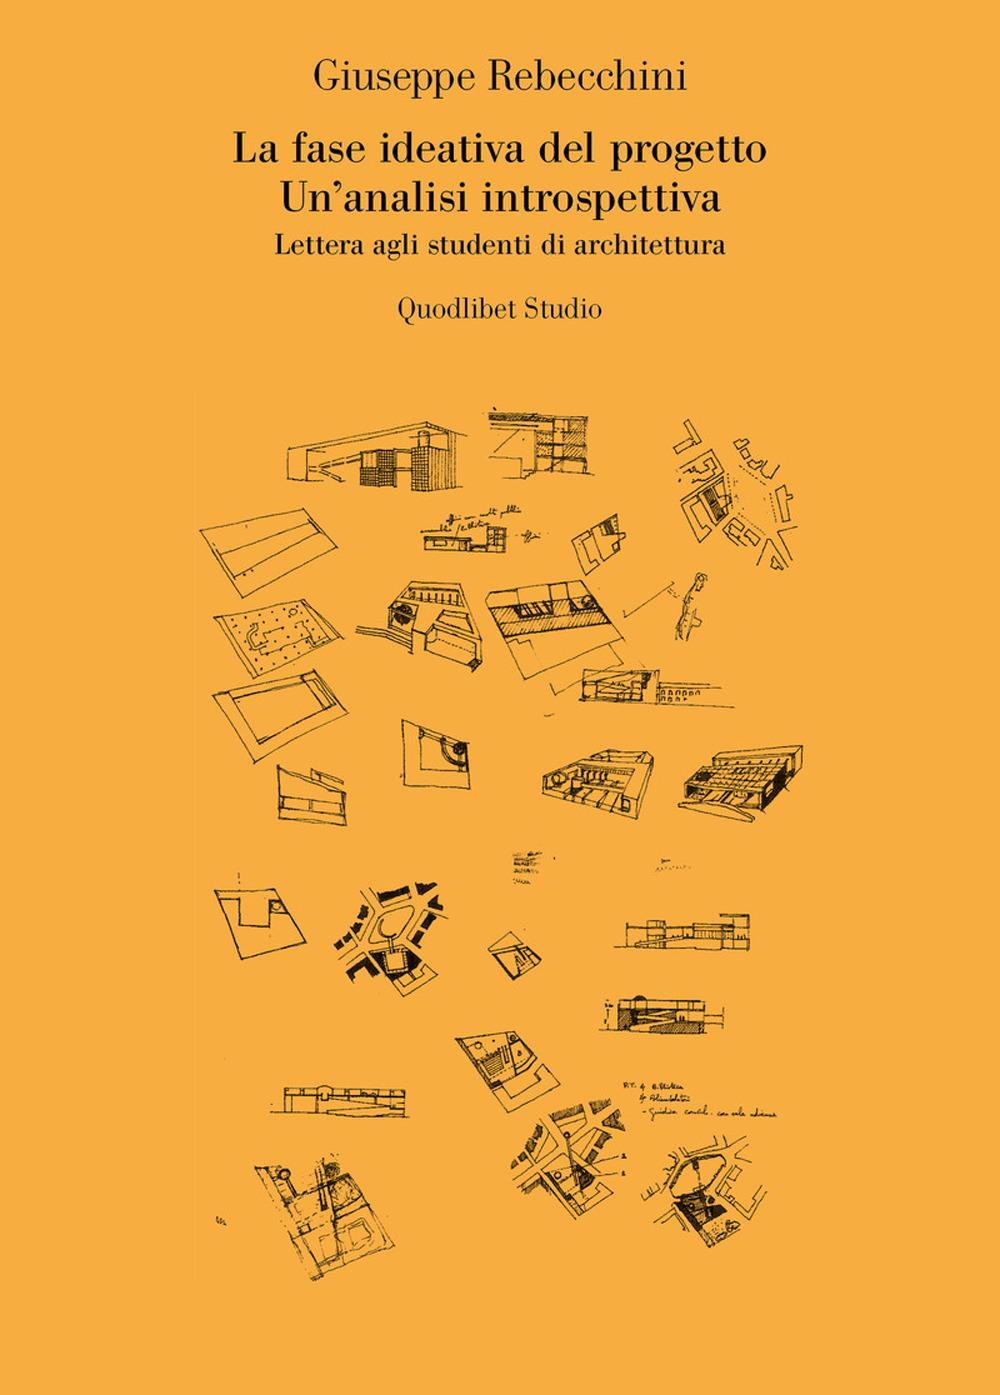 FASE IDEATIVA DEL PROGETTO. UN'ANALISI INTROSPETTIVA. LETTERA AGLI STUDENTI DI ARCHITETTURA (LA) - 9788822902658